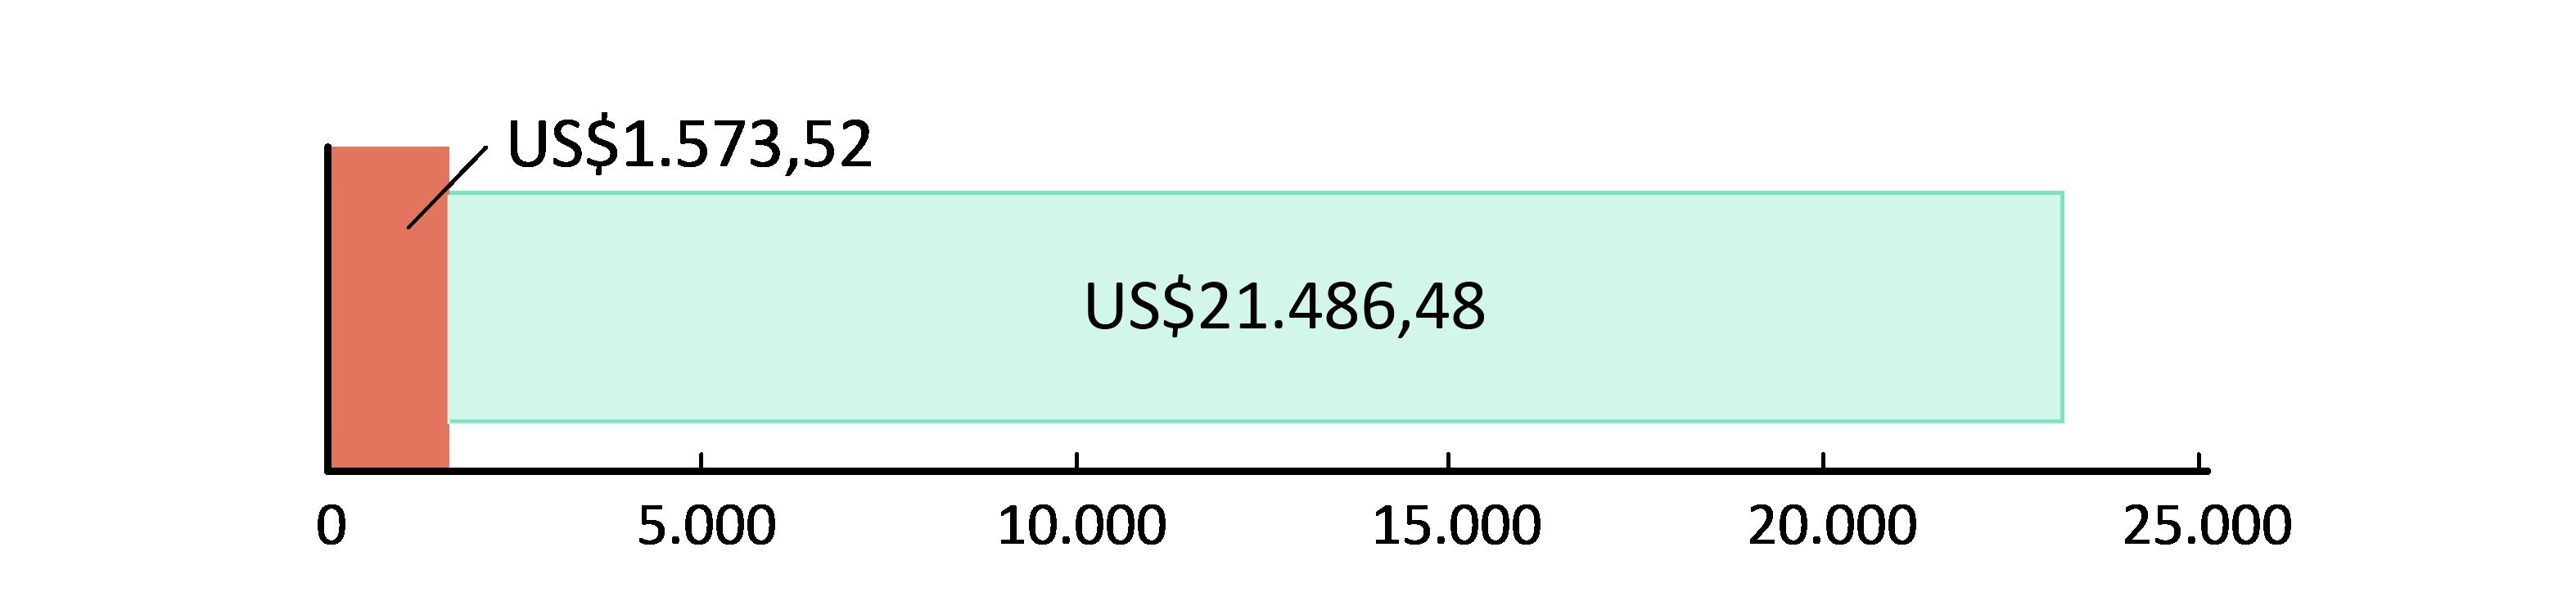 US$ 1.573,52 fueron usados; US$21.486,48 restan